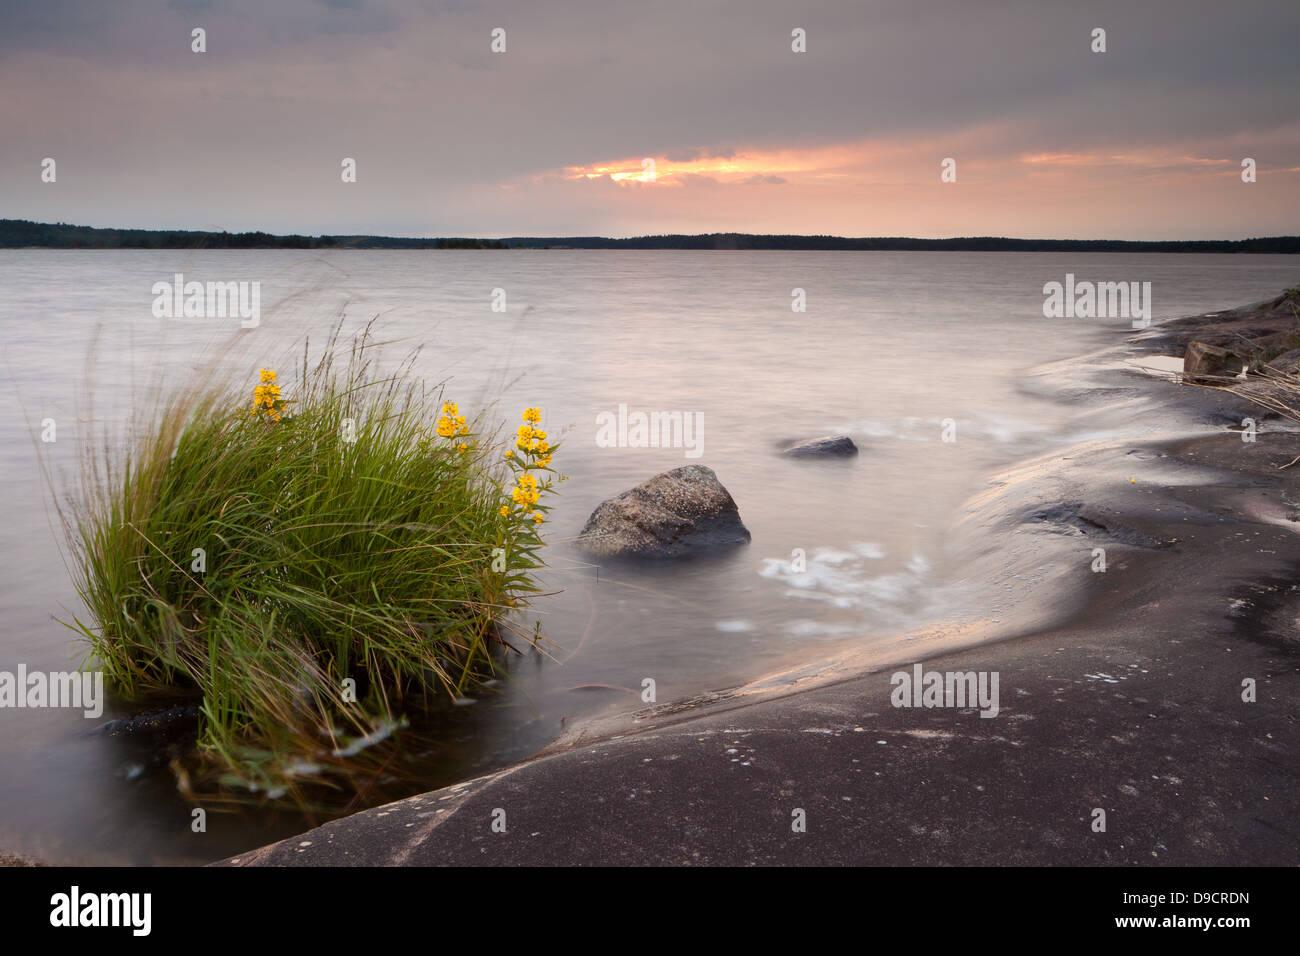 Sommerabend auf der Insel Brattholmen in den See Vansjø, Råde Kommune, Østfold Fylke, Norwegen. Stockbild